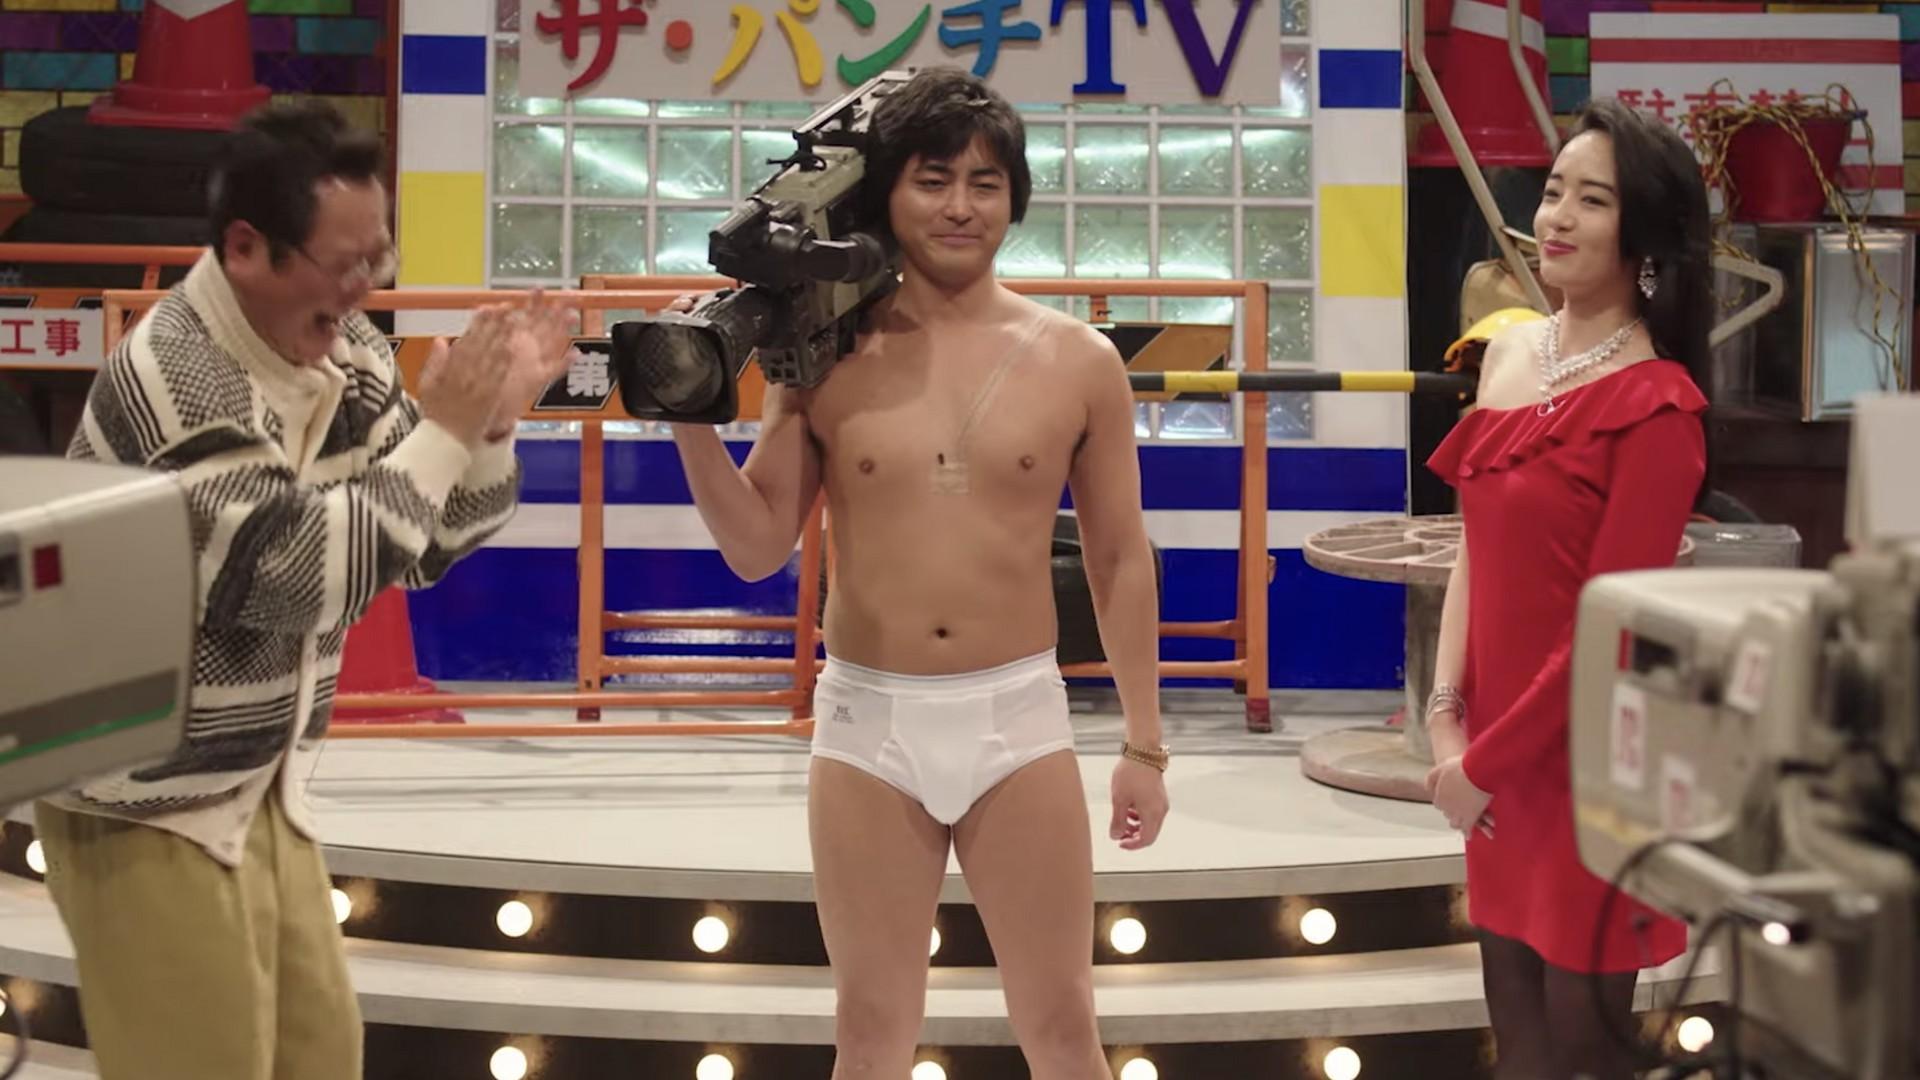 The Naked Director: Chuyện về ông hoàng phim người lớn Nhật Bản có gì mà được khen ngợi hết lời? - Ảnh 11.